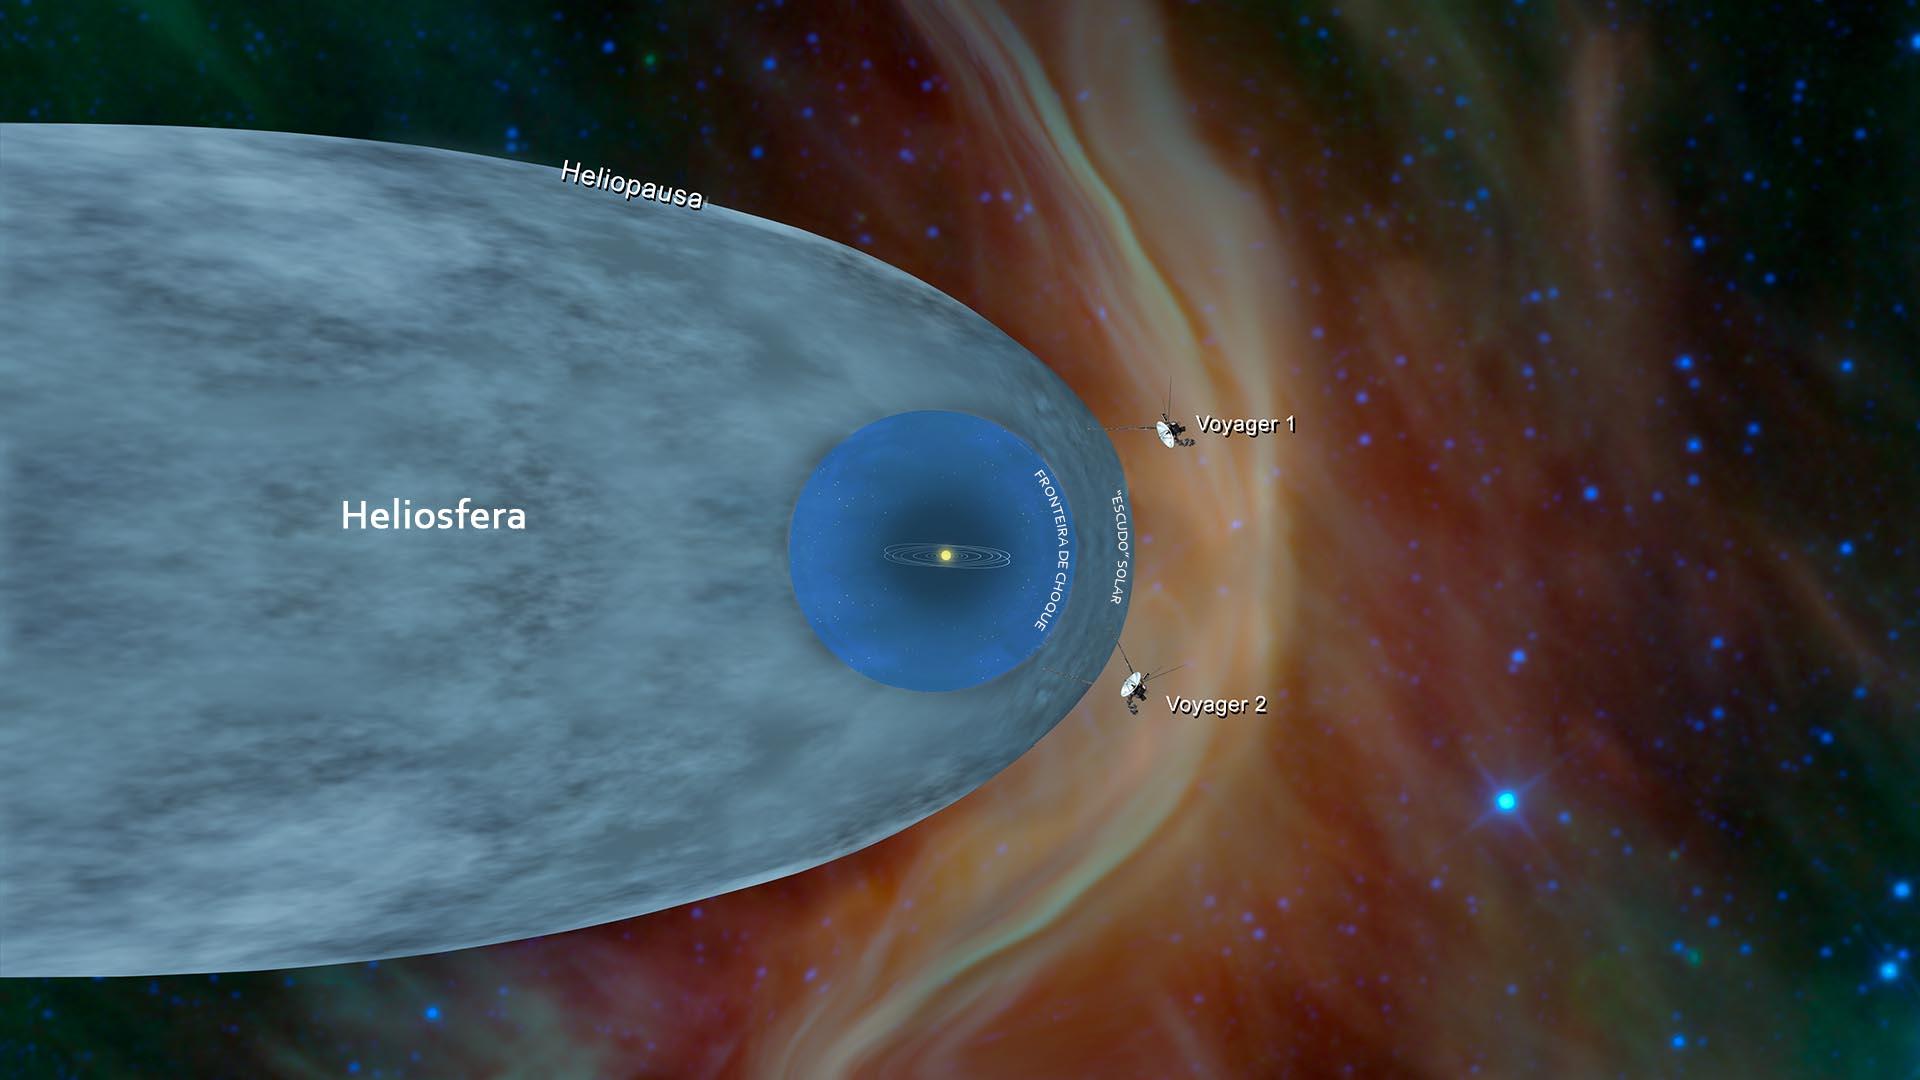 [ASTRONOMIA]   assim foi a chegada da Voyager 2 ao espaço interestelar